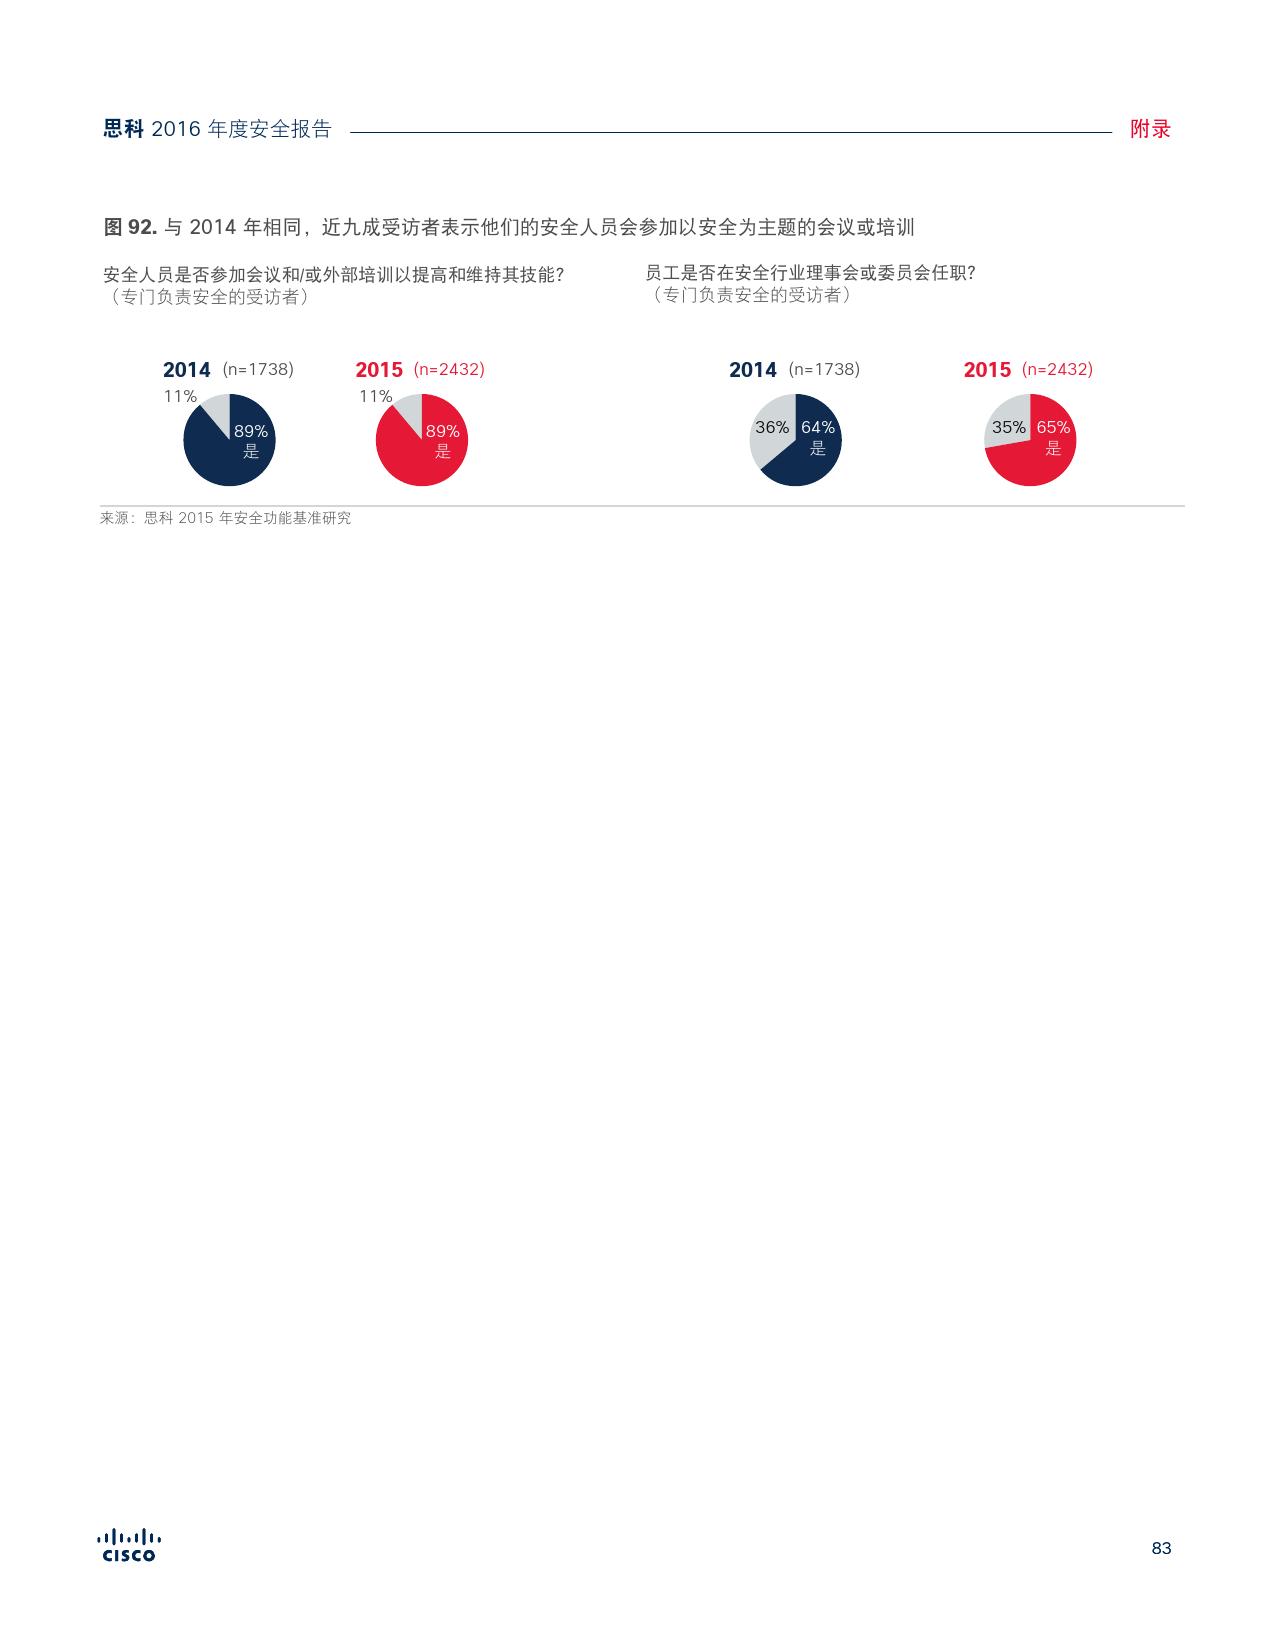 2016年中网络安全报告_000083